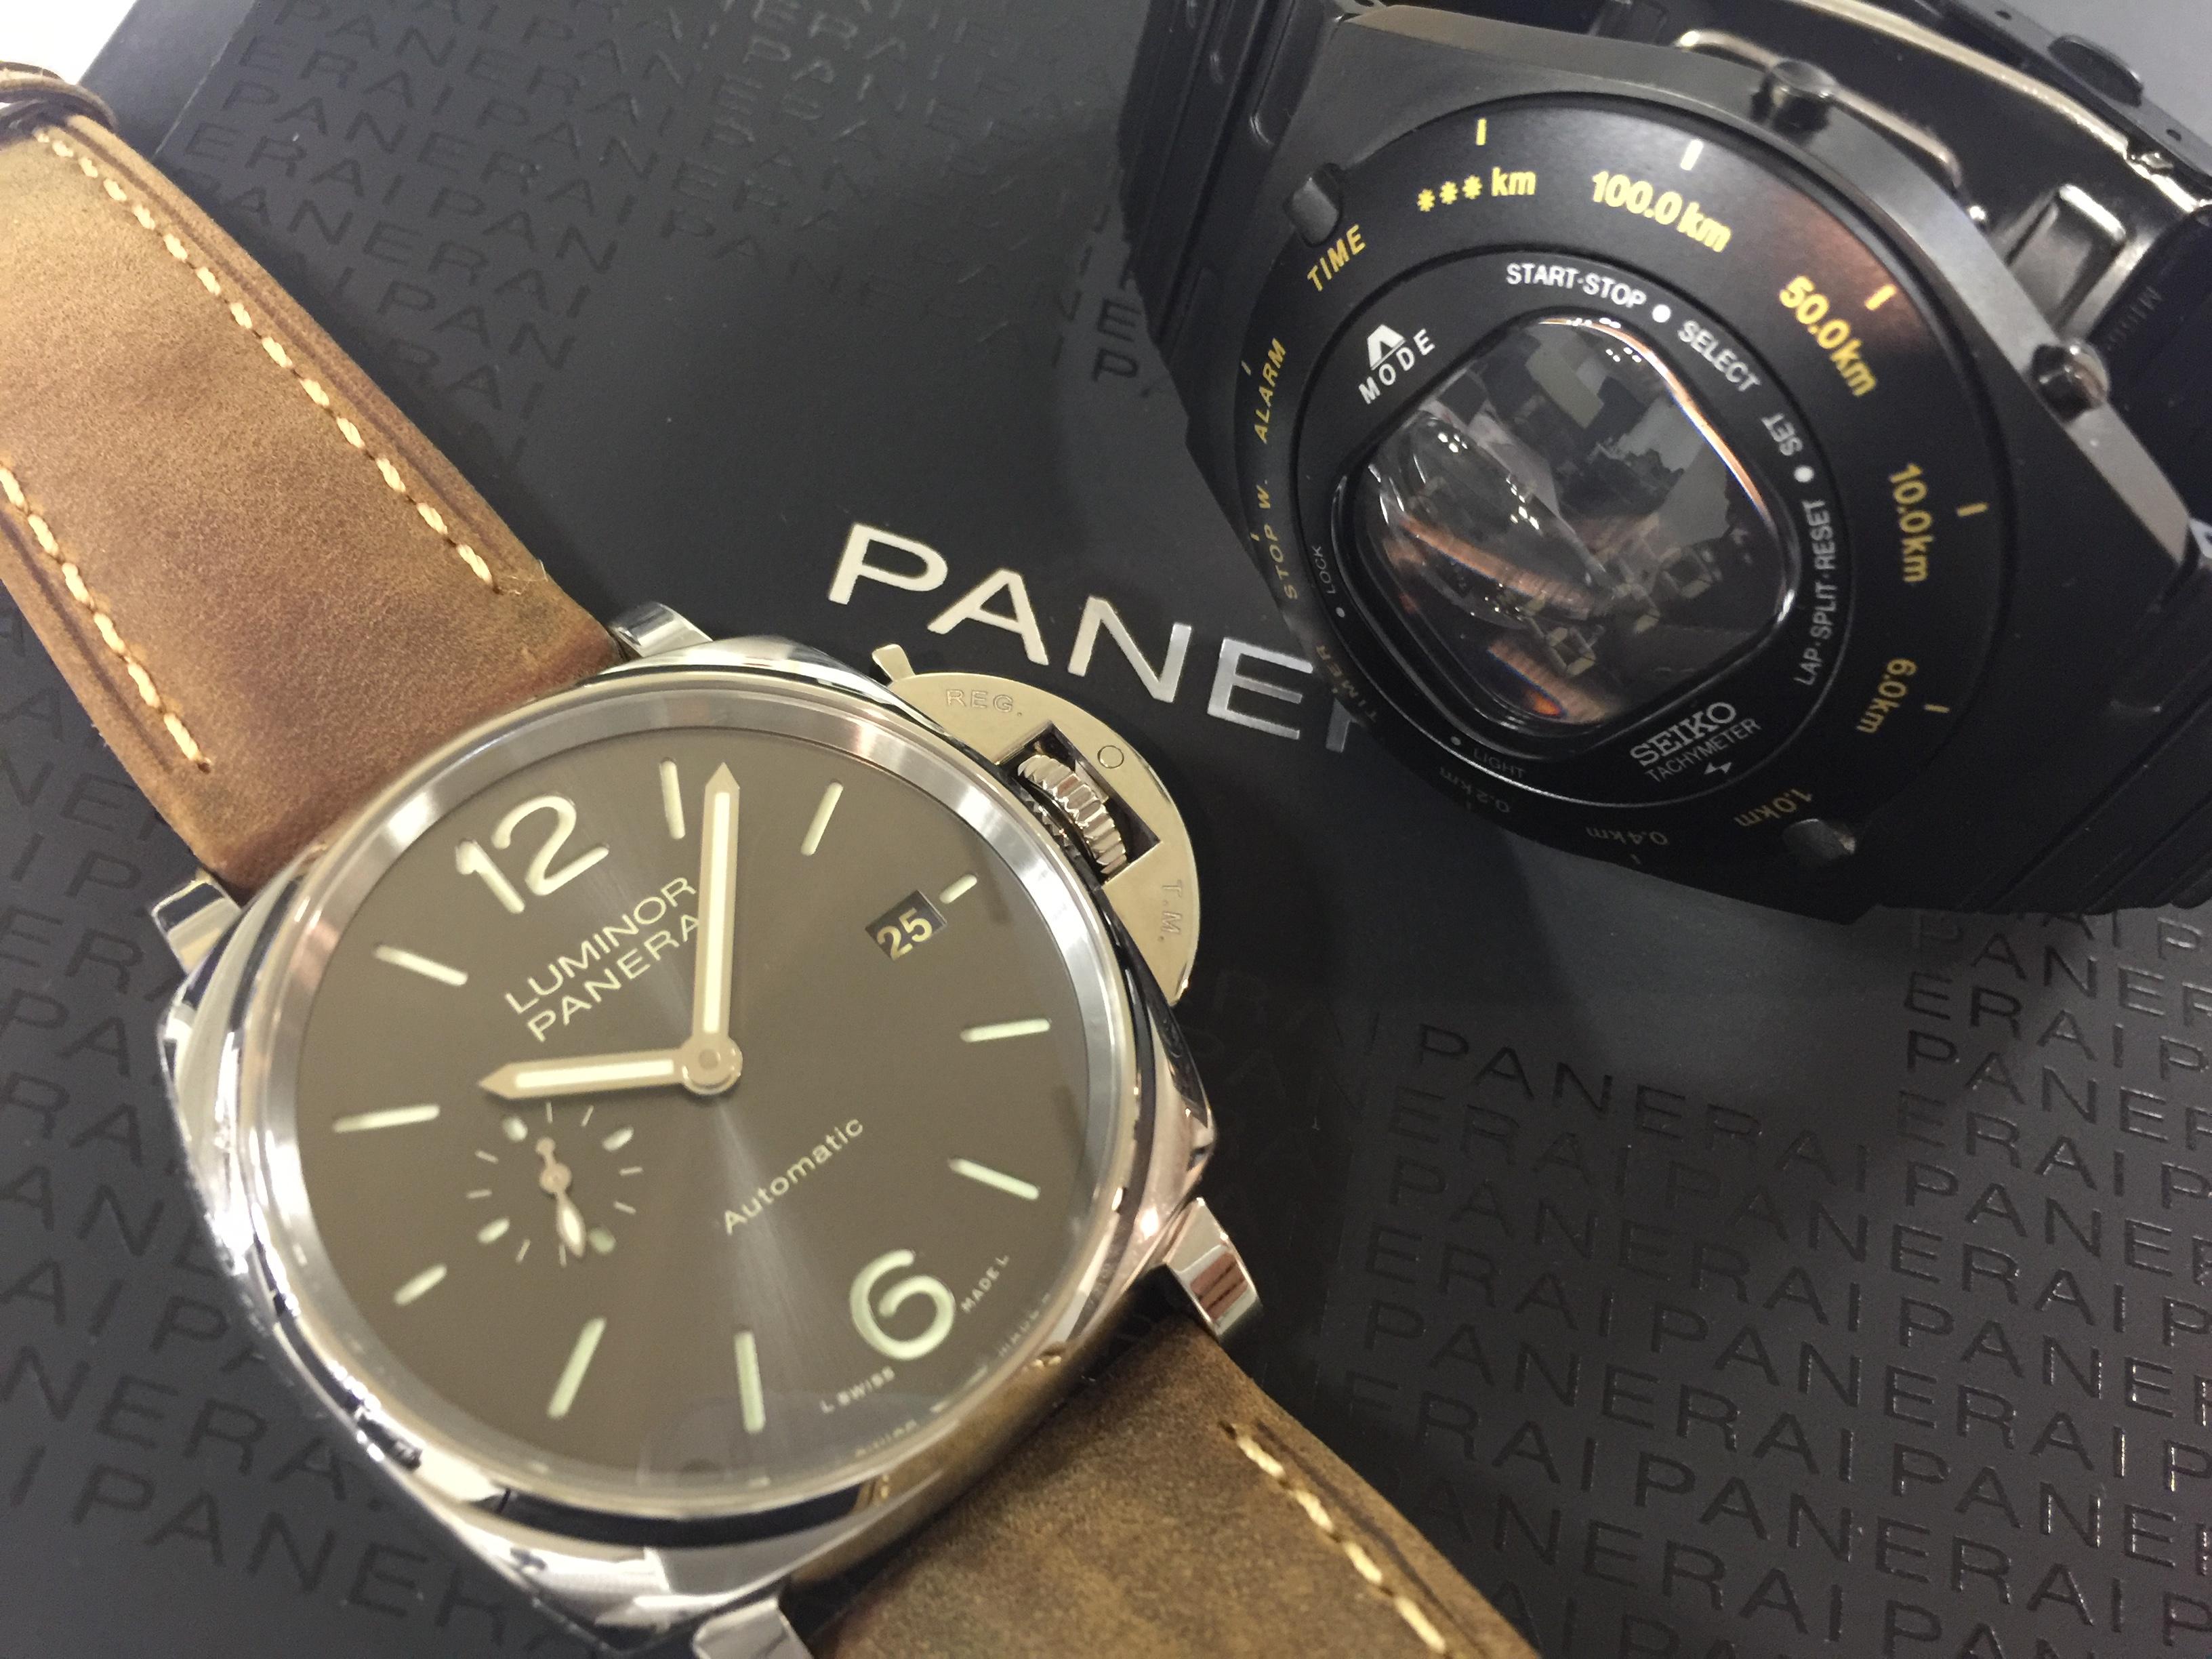 パネライ PANERAI PAM00904 , SEIKO ジウジアーロ限定バーニーズニューヨーク SBJG013